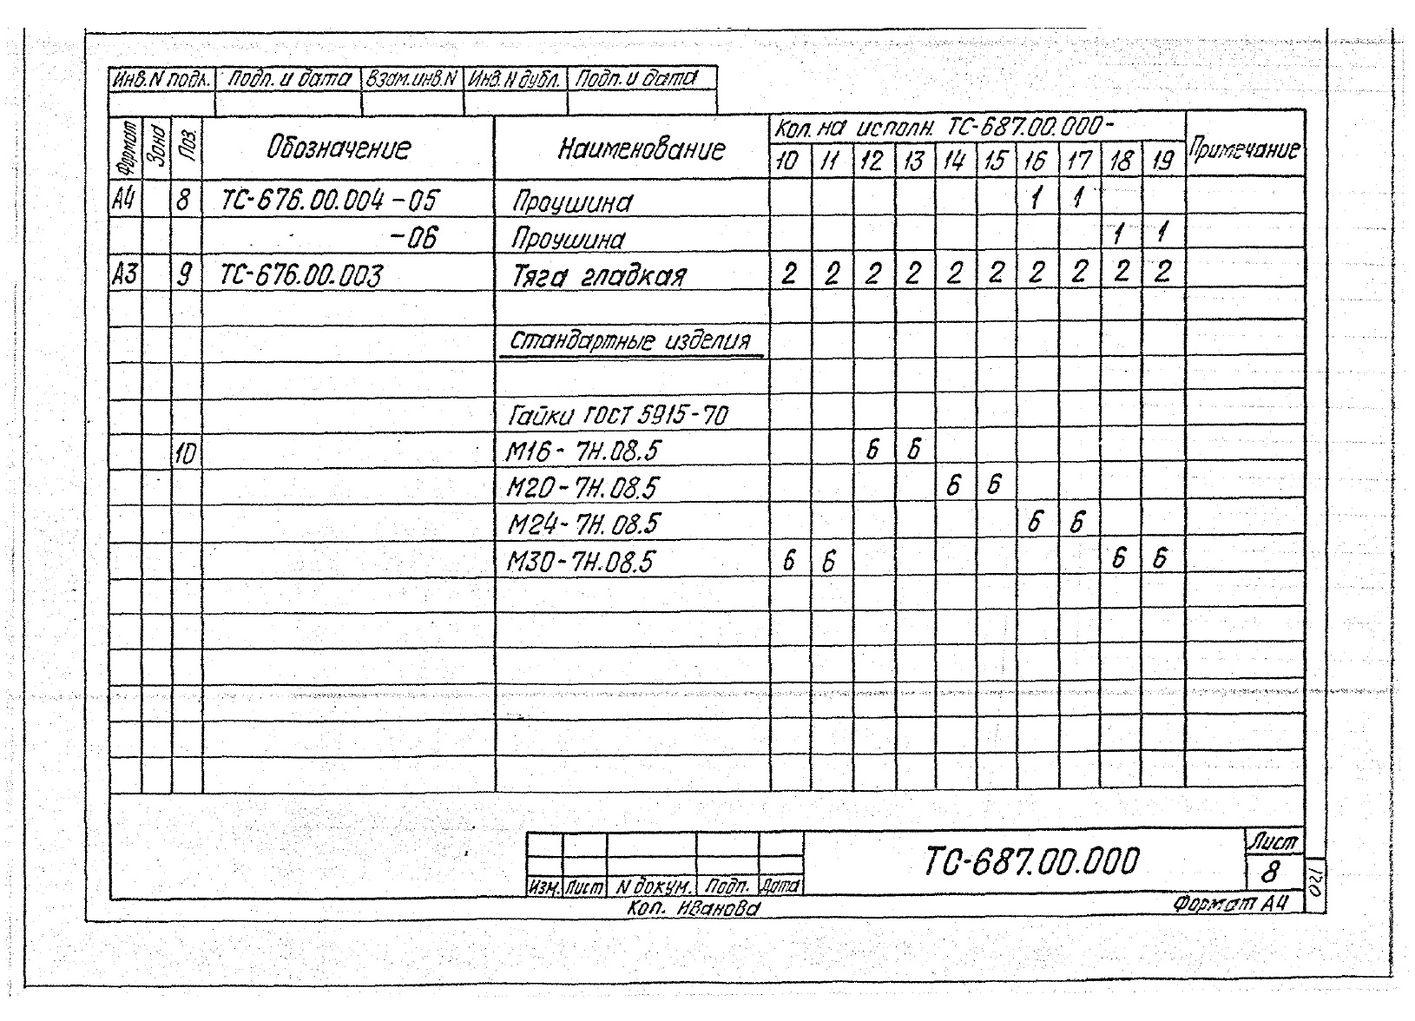 Подвески пружинные для горизонтальных трубопроводов Дн 159-426 мм ТС-687.00.000 СБ серия 5.903-13 выпуск 6-95 стр.11